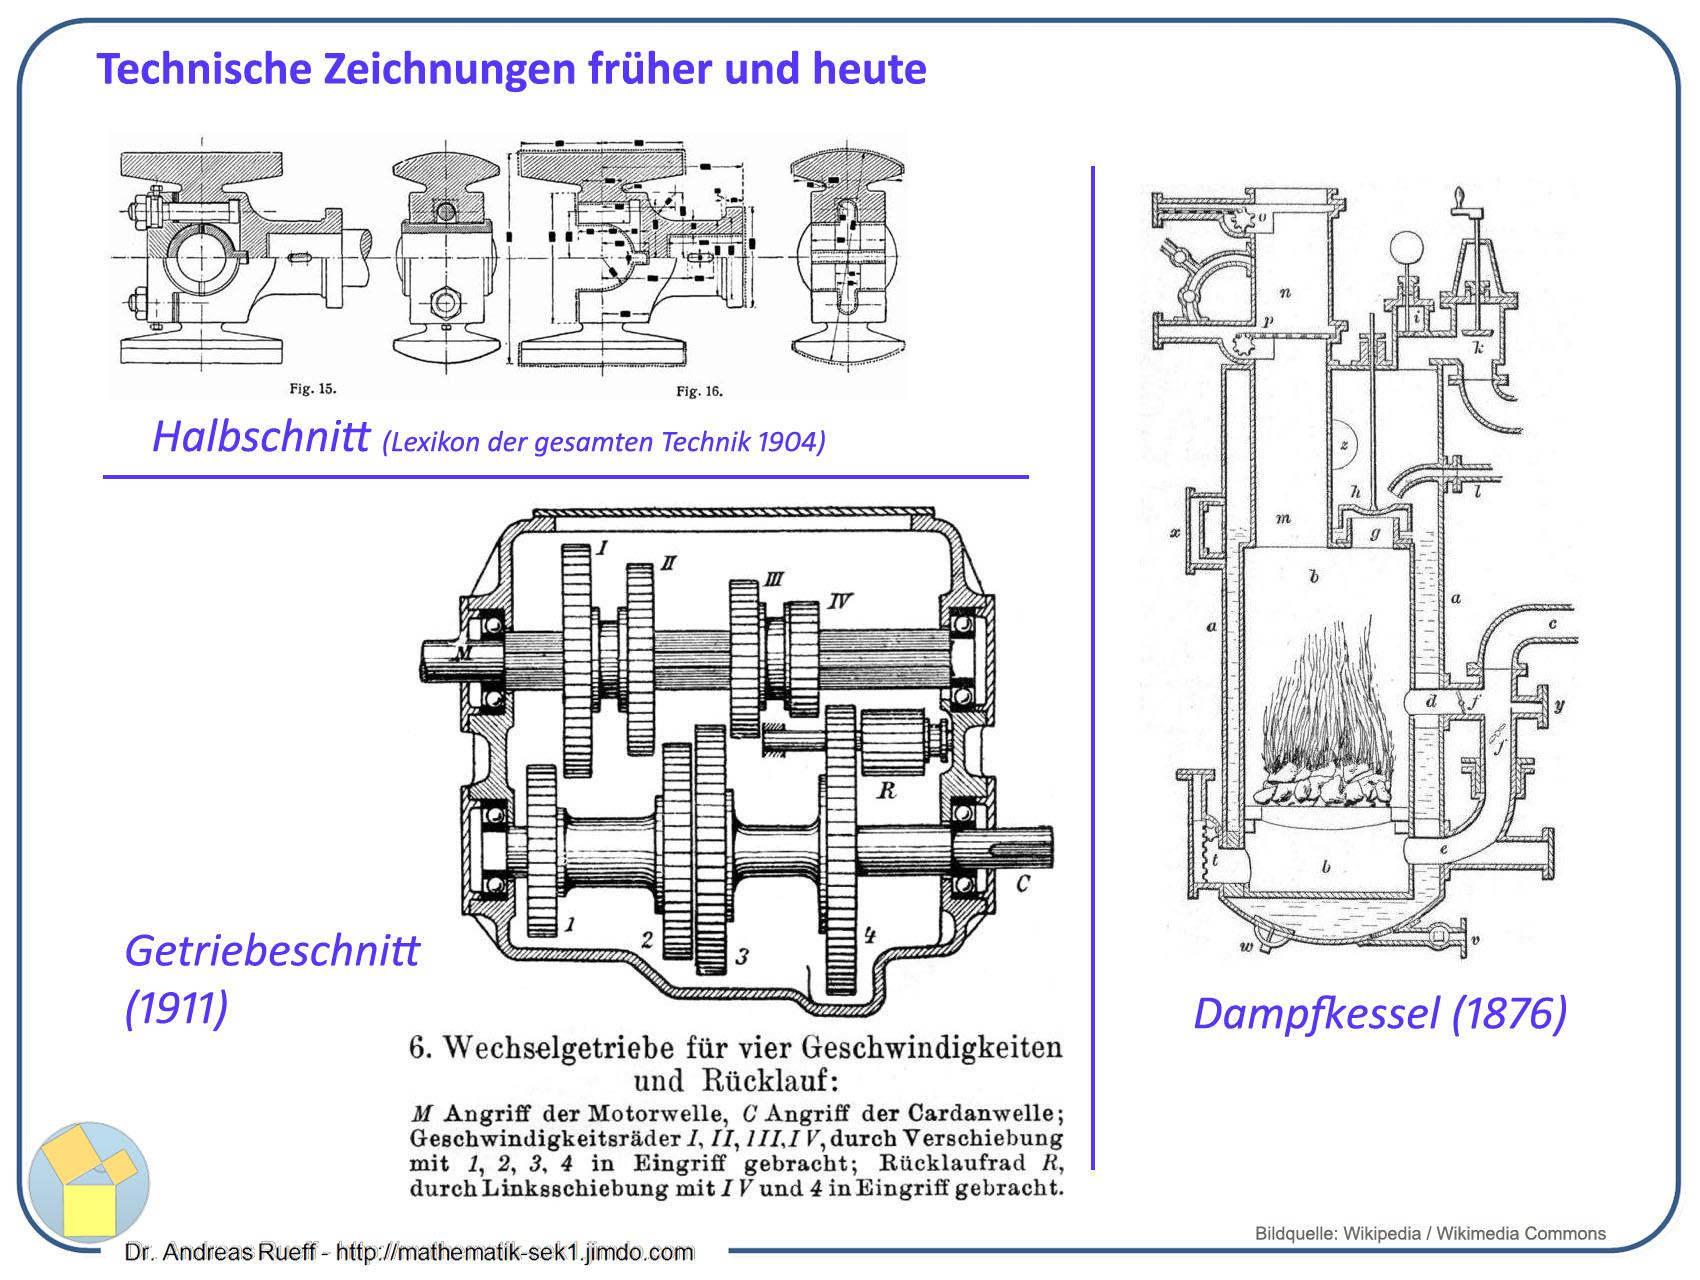 Atemberaubend Wie Funktionieren Dampfkessel Ideen - Elektrische ...